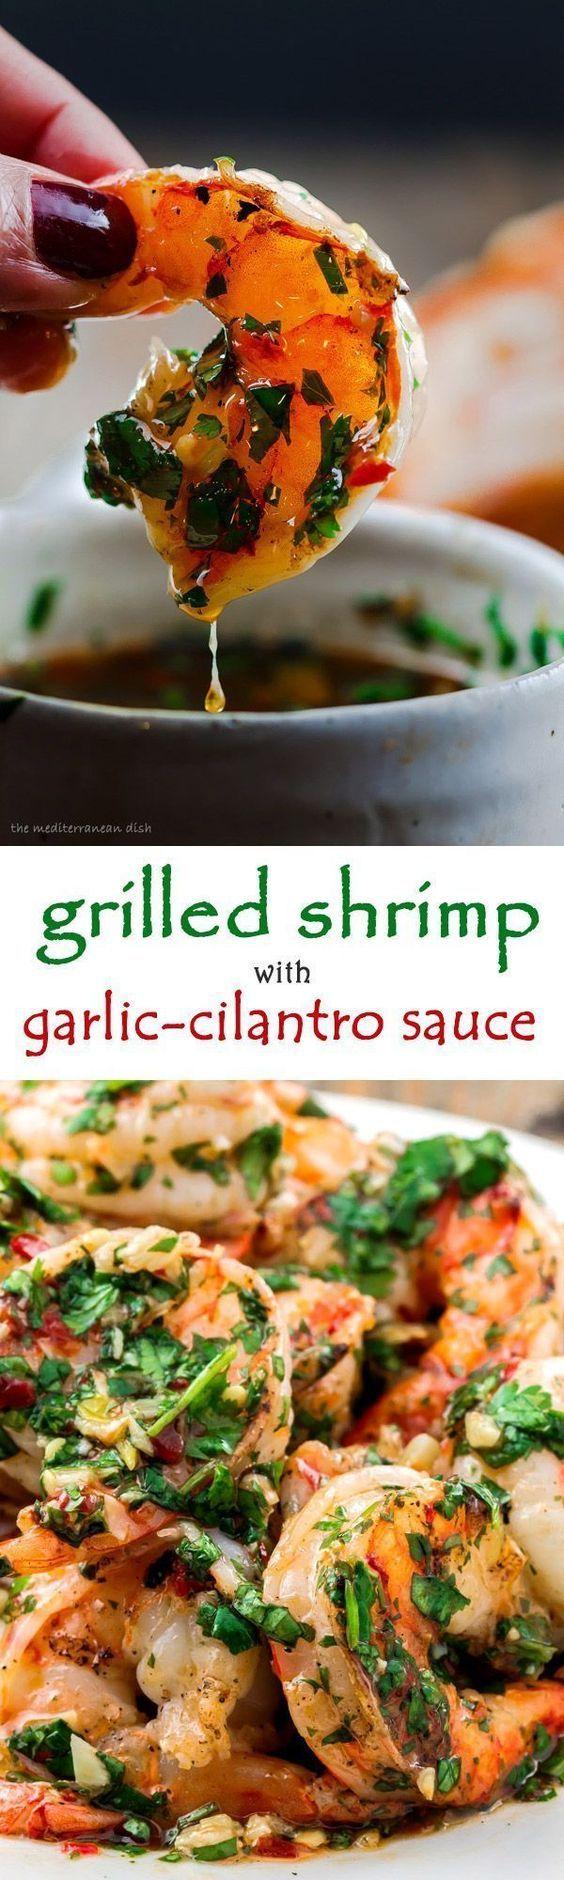 Camarones a la plancha con ajo asado, salsa de cilantro.  Fácil y o tan delicioso aperitivo!  Desde El plato mediterráneo .: